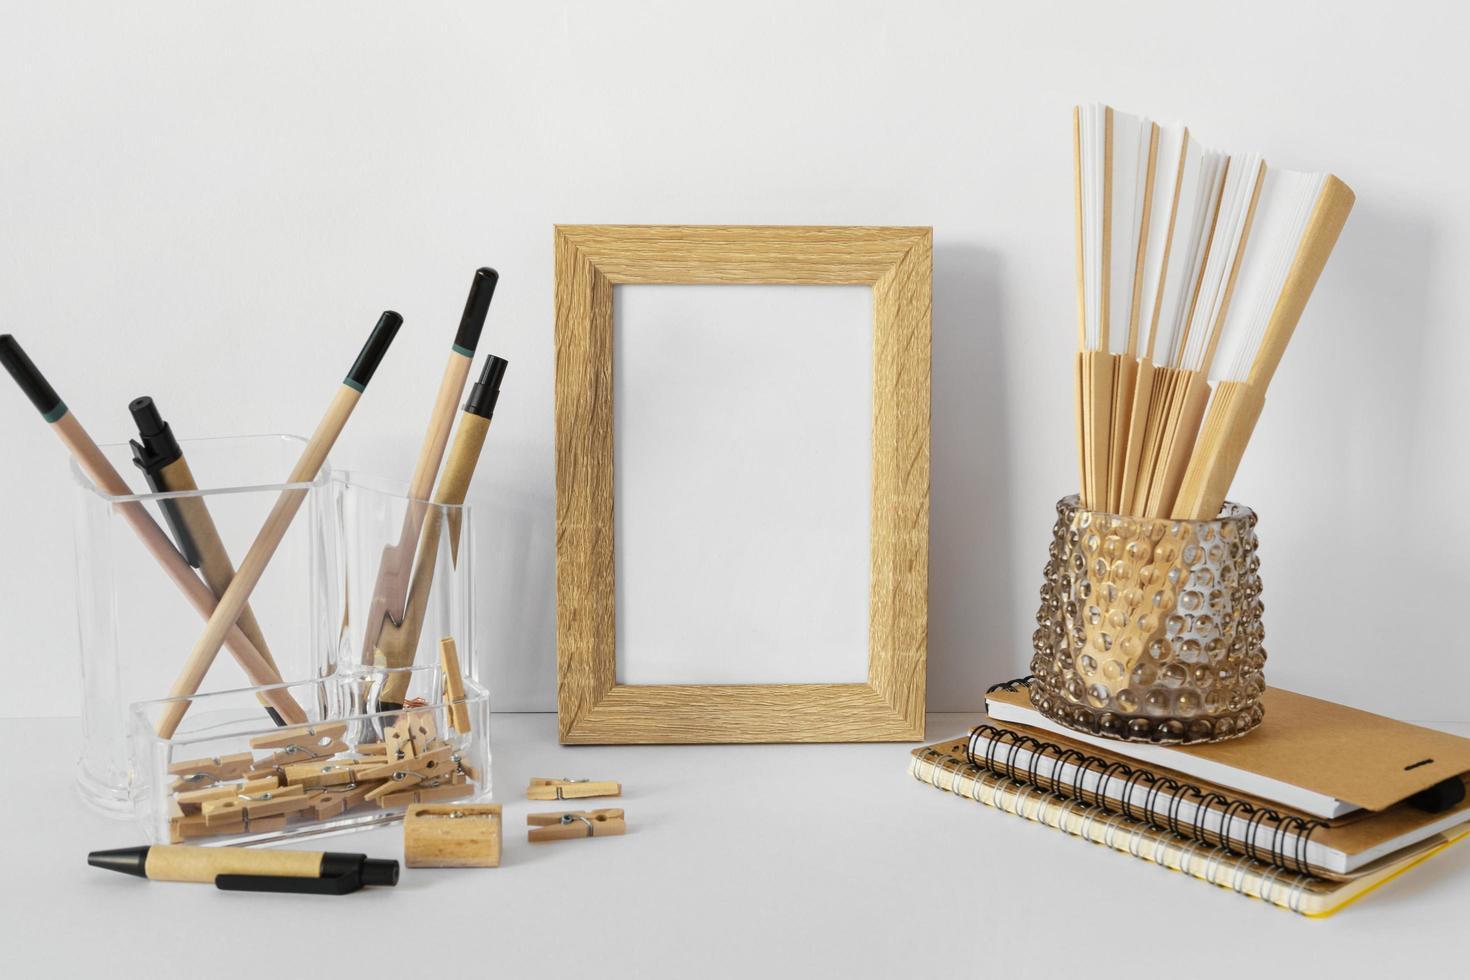 marco de madera vacío en el escritorio blanco foto